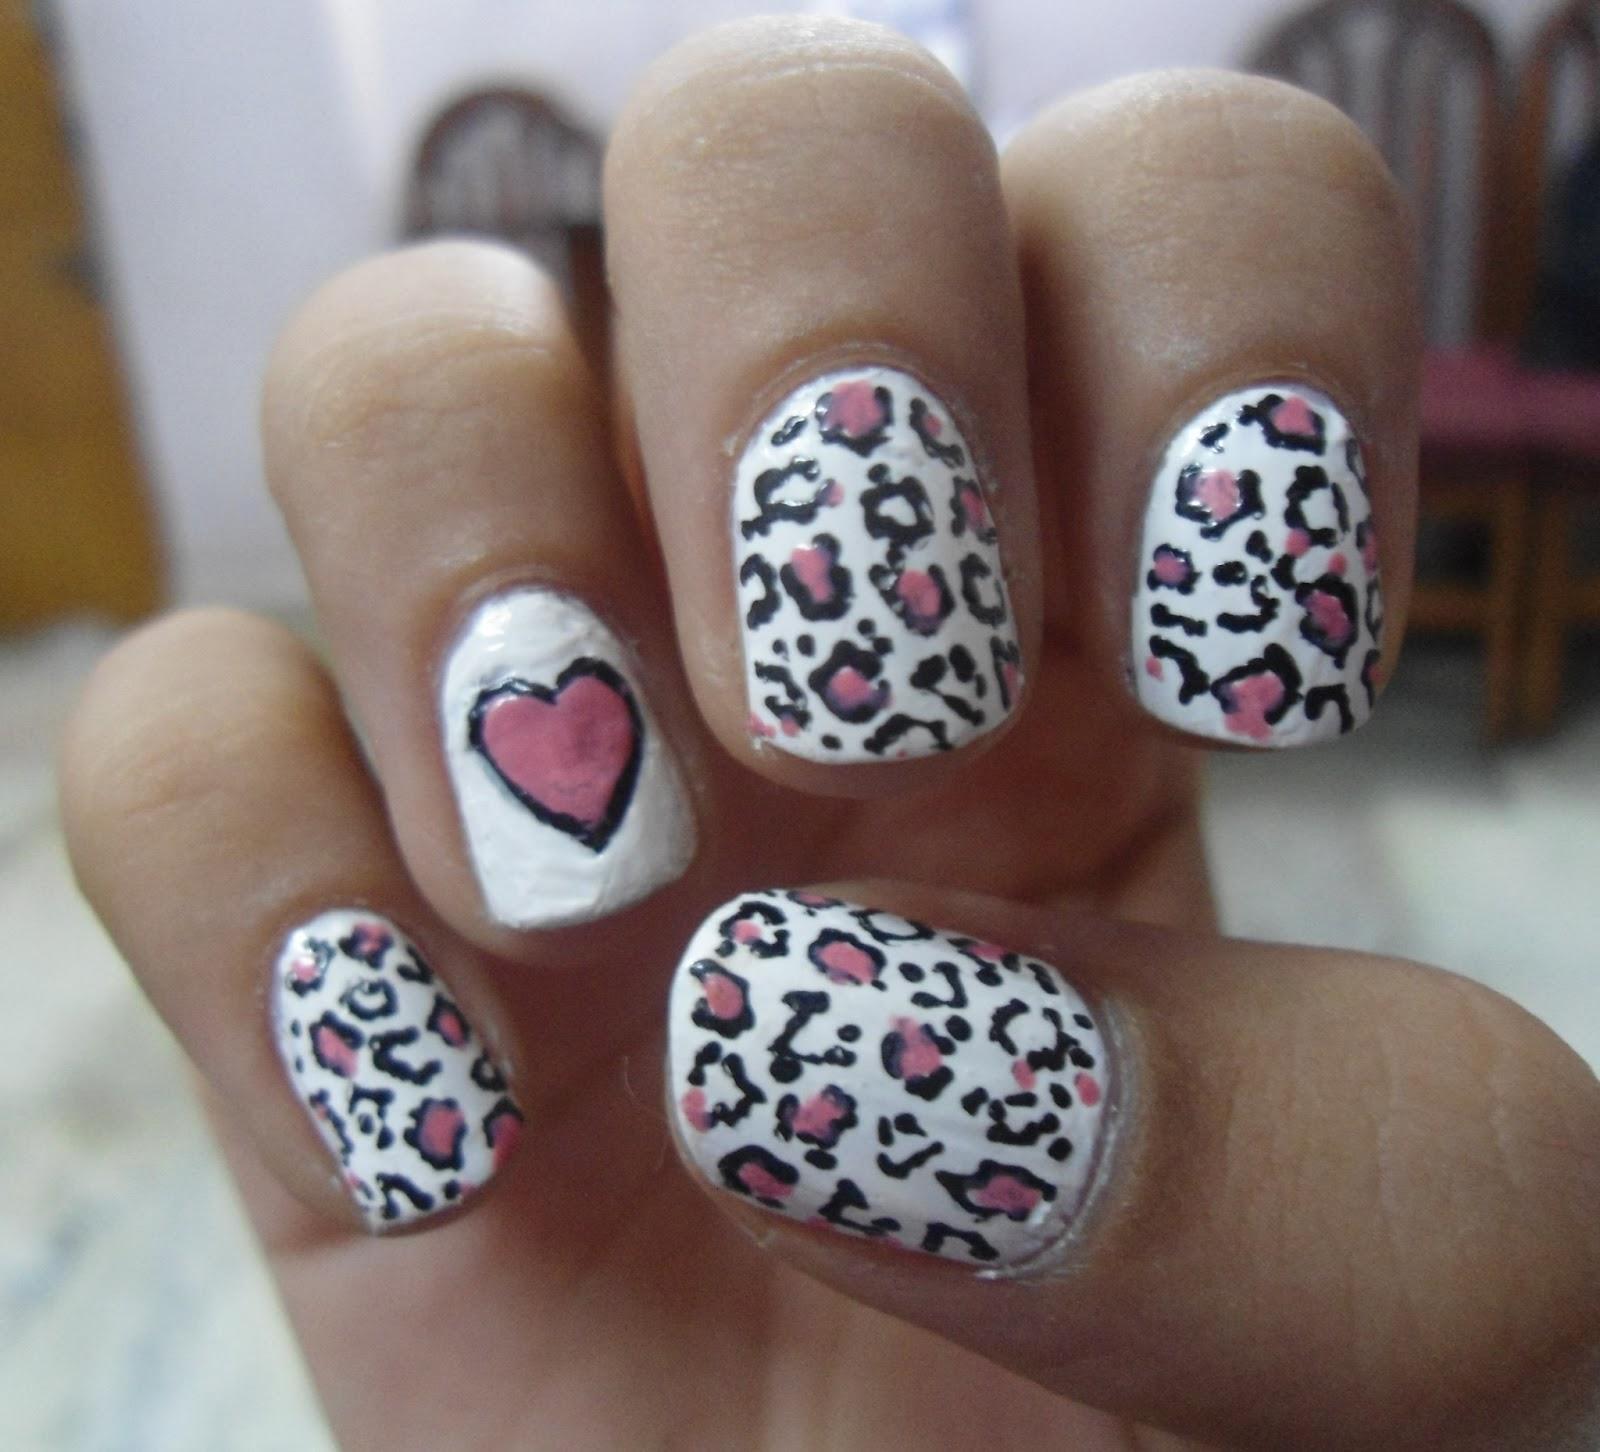 Purple leopard / cheetah nail art designs tutorial by Cute